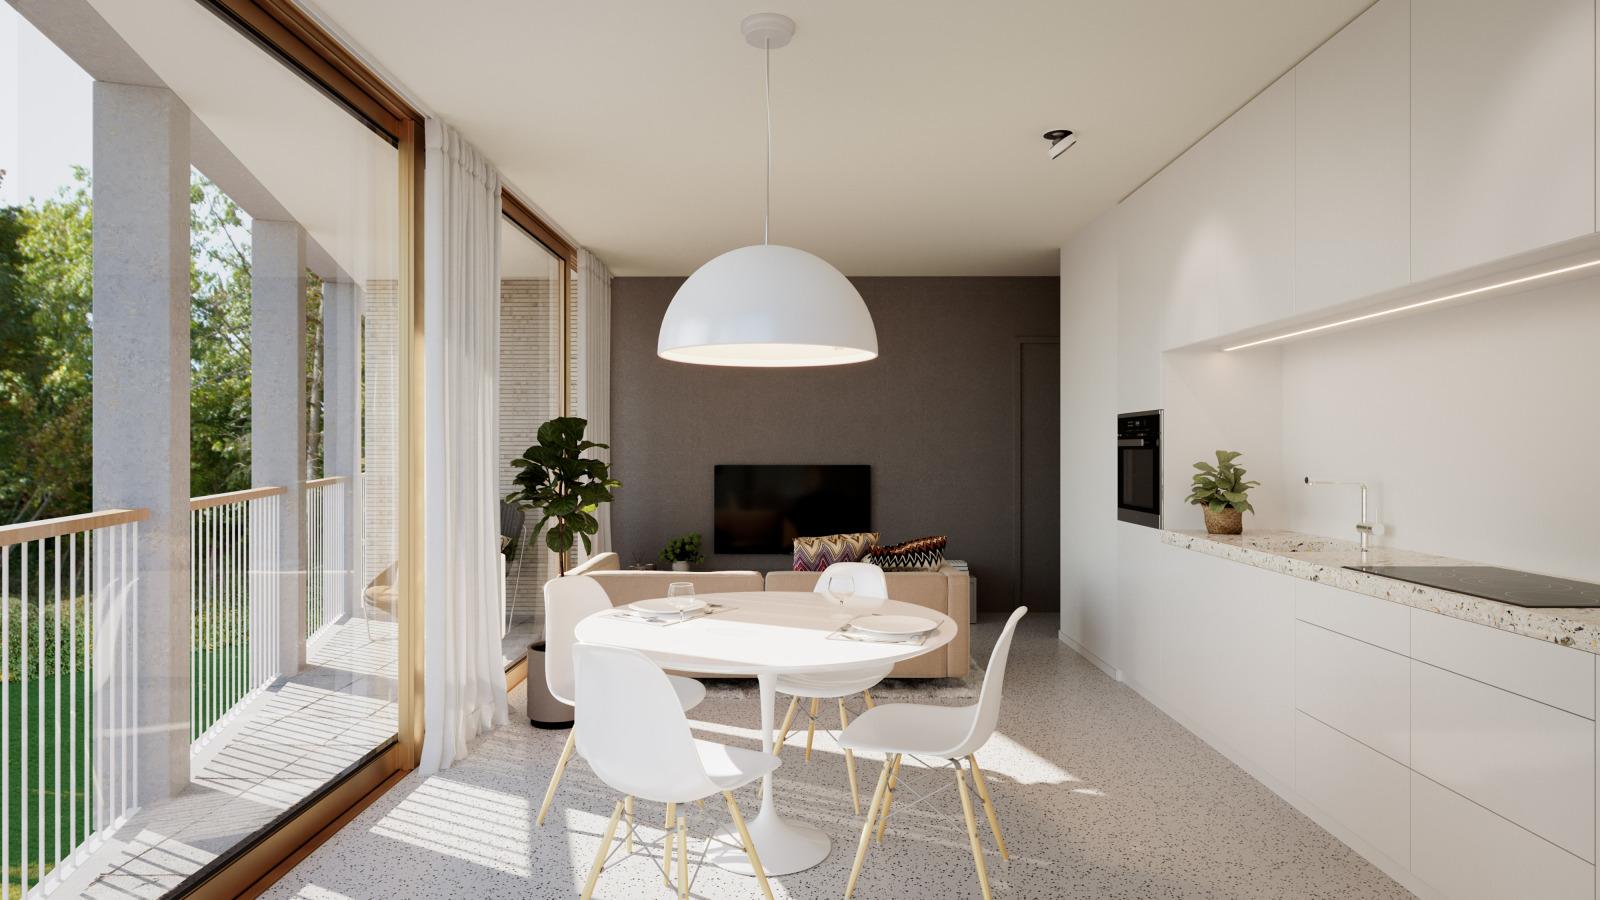 Nieuwbouw appartement op de eerste verdieping in prachtig binnengebied! afbeelding 1